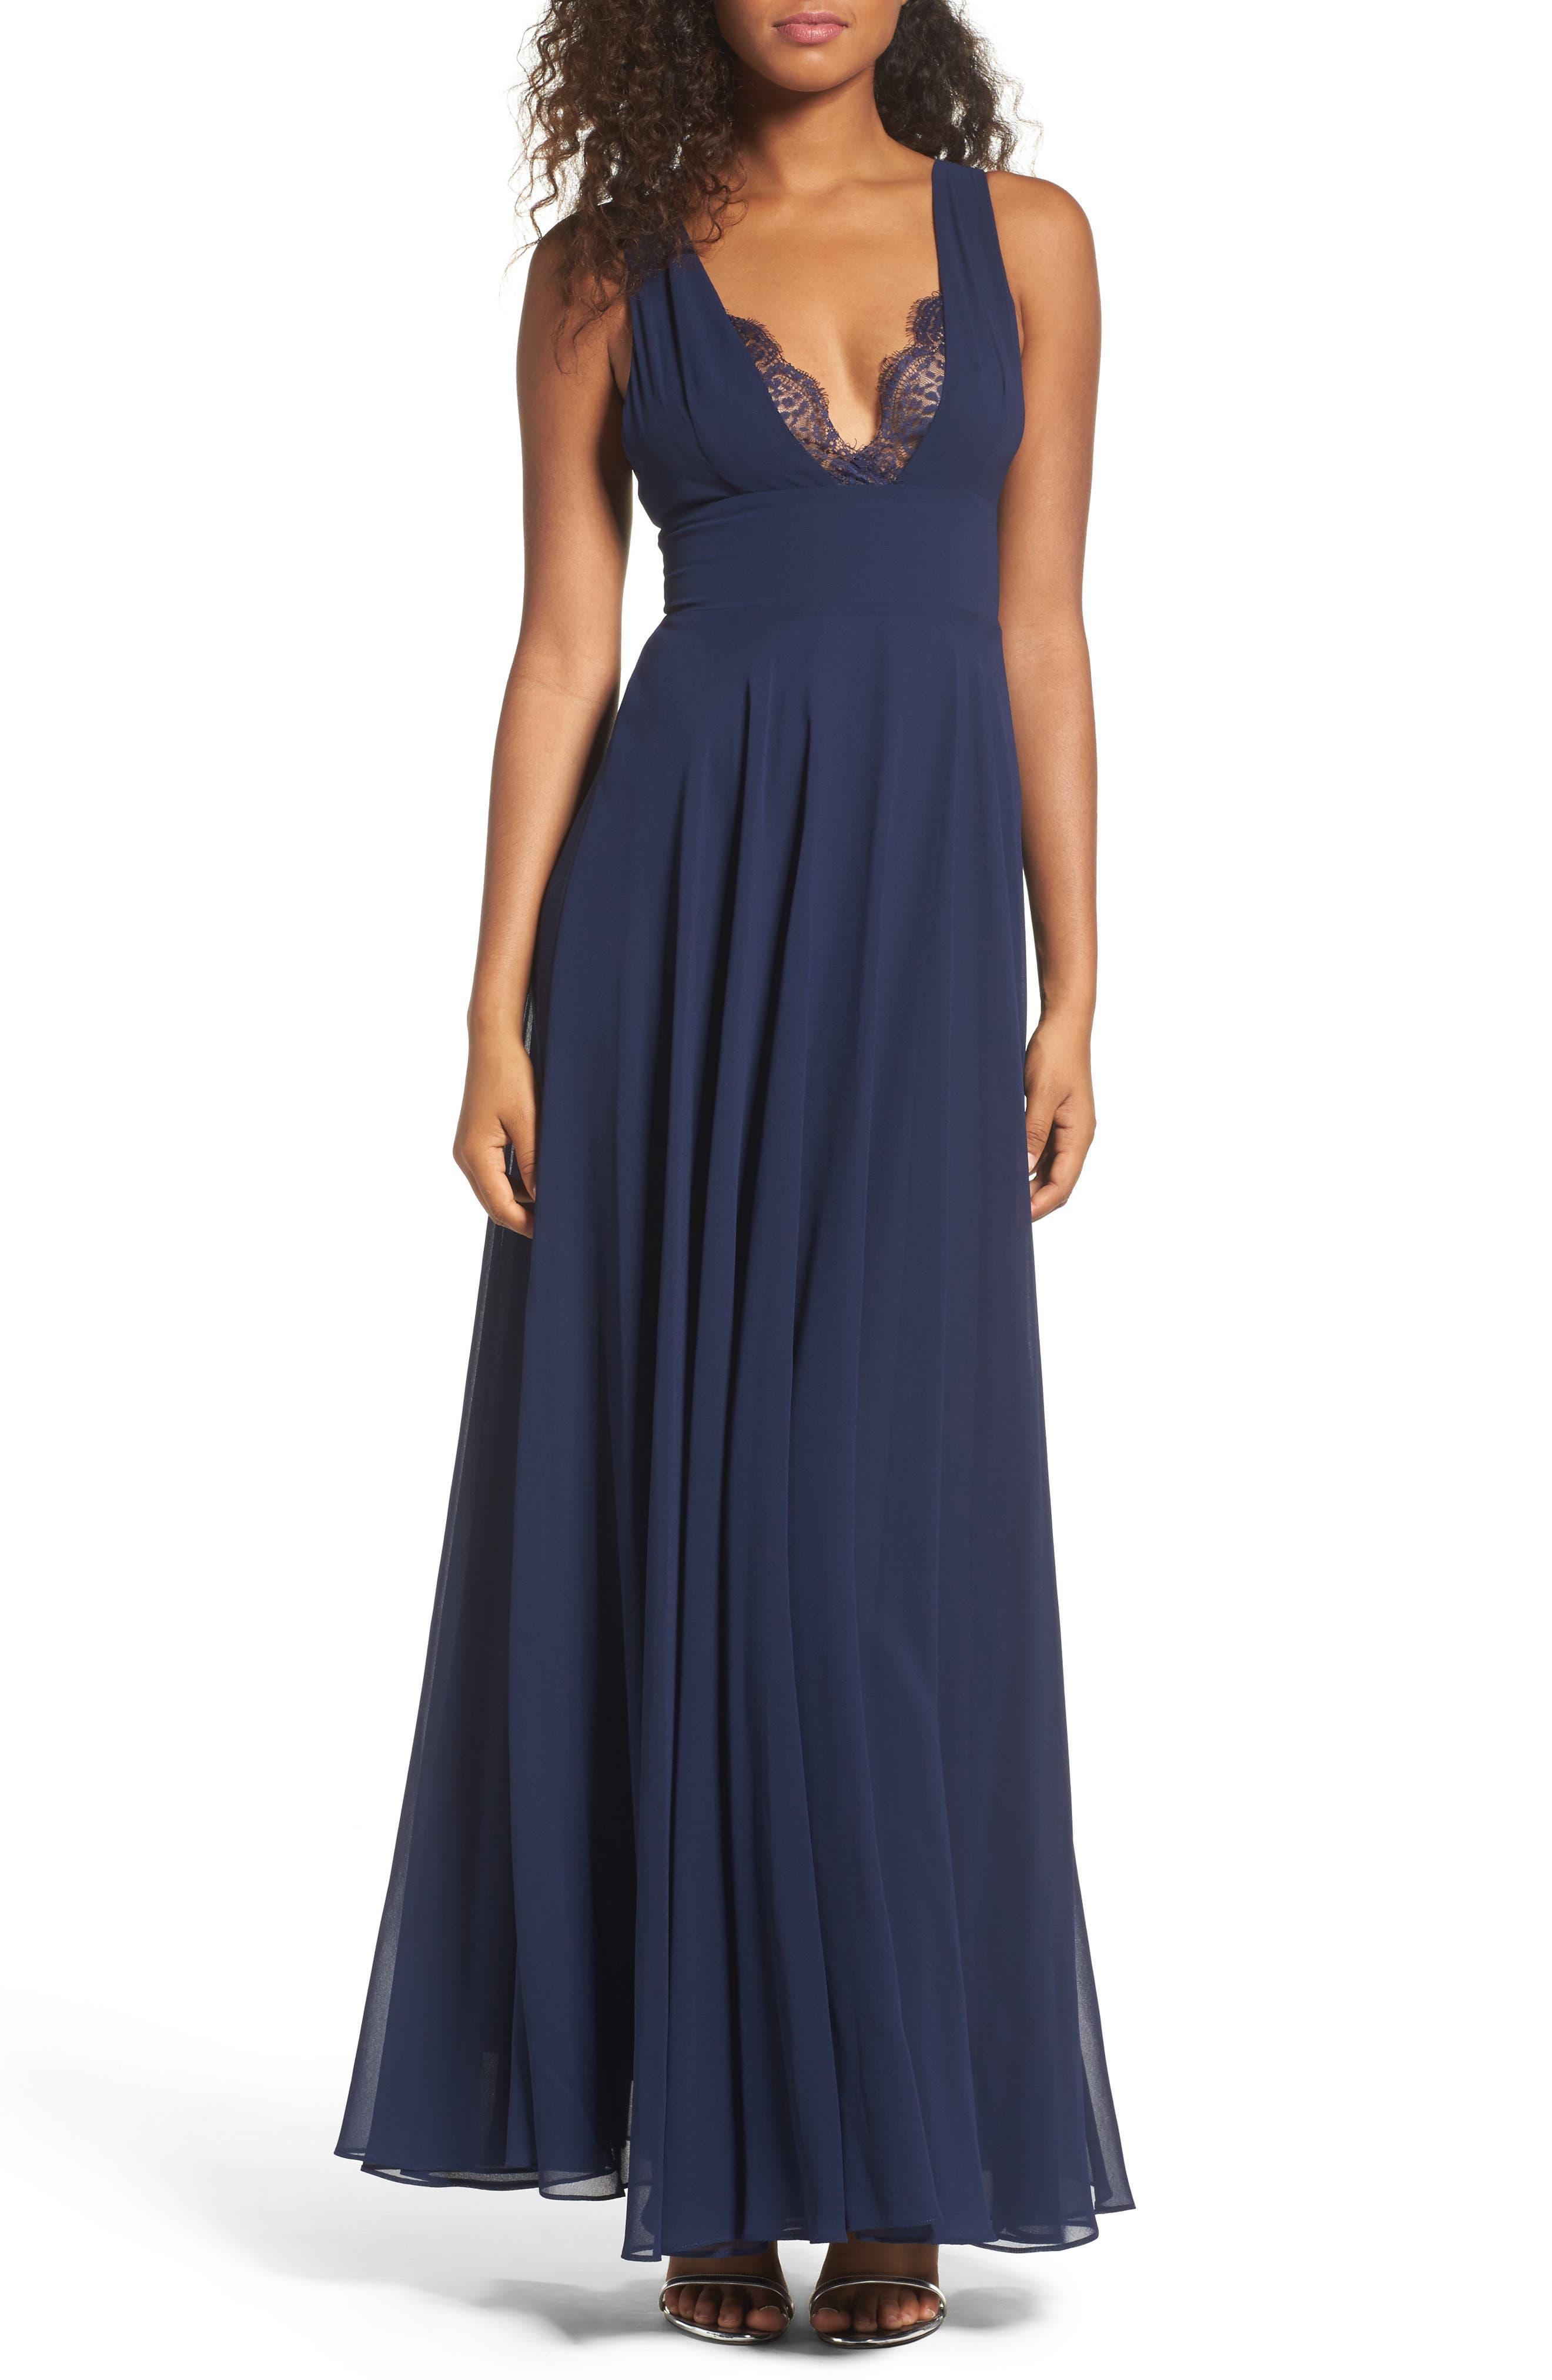 Main Image - Lulus Lace Trim Chiffon Maxi Dress